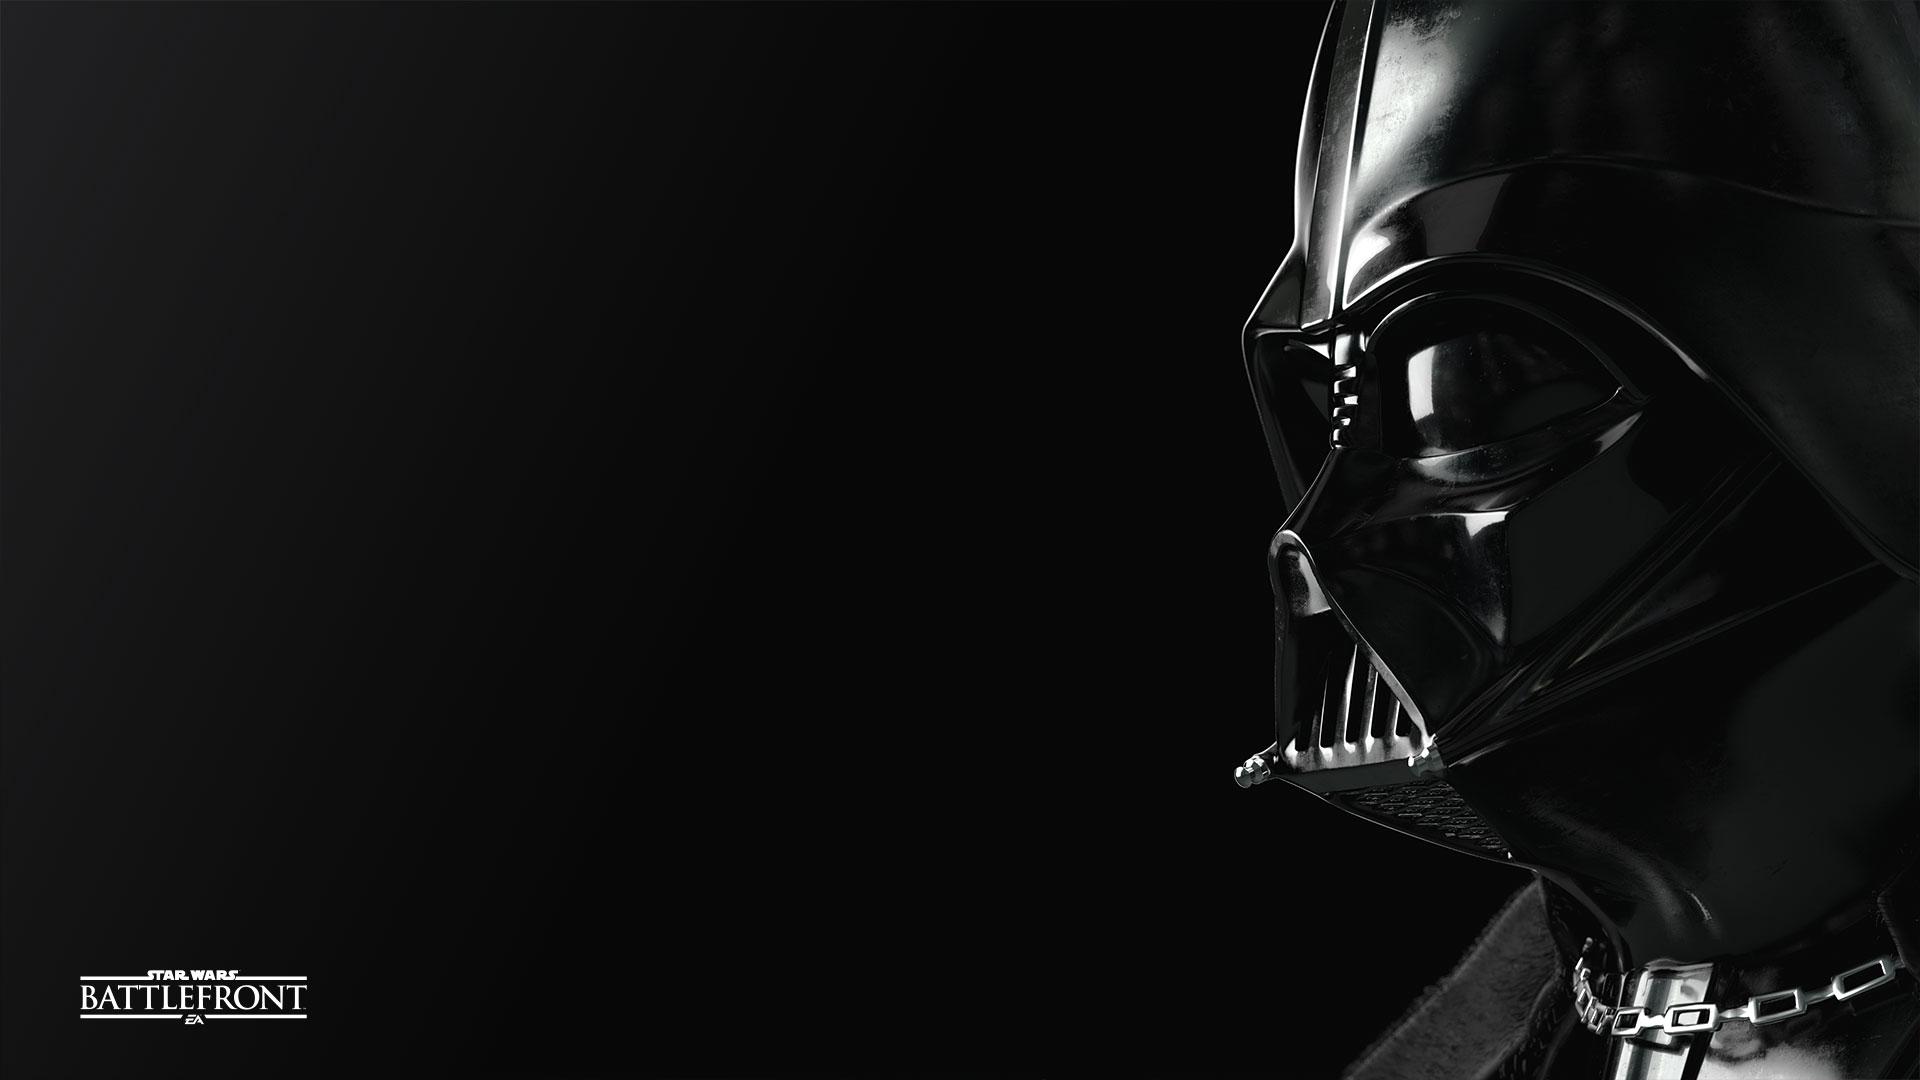 Star Wars Battlefront Trophies Revealed - Star Wars ...